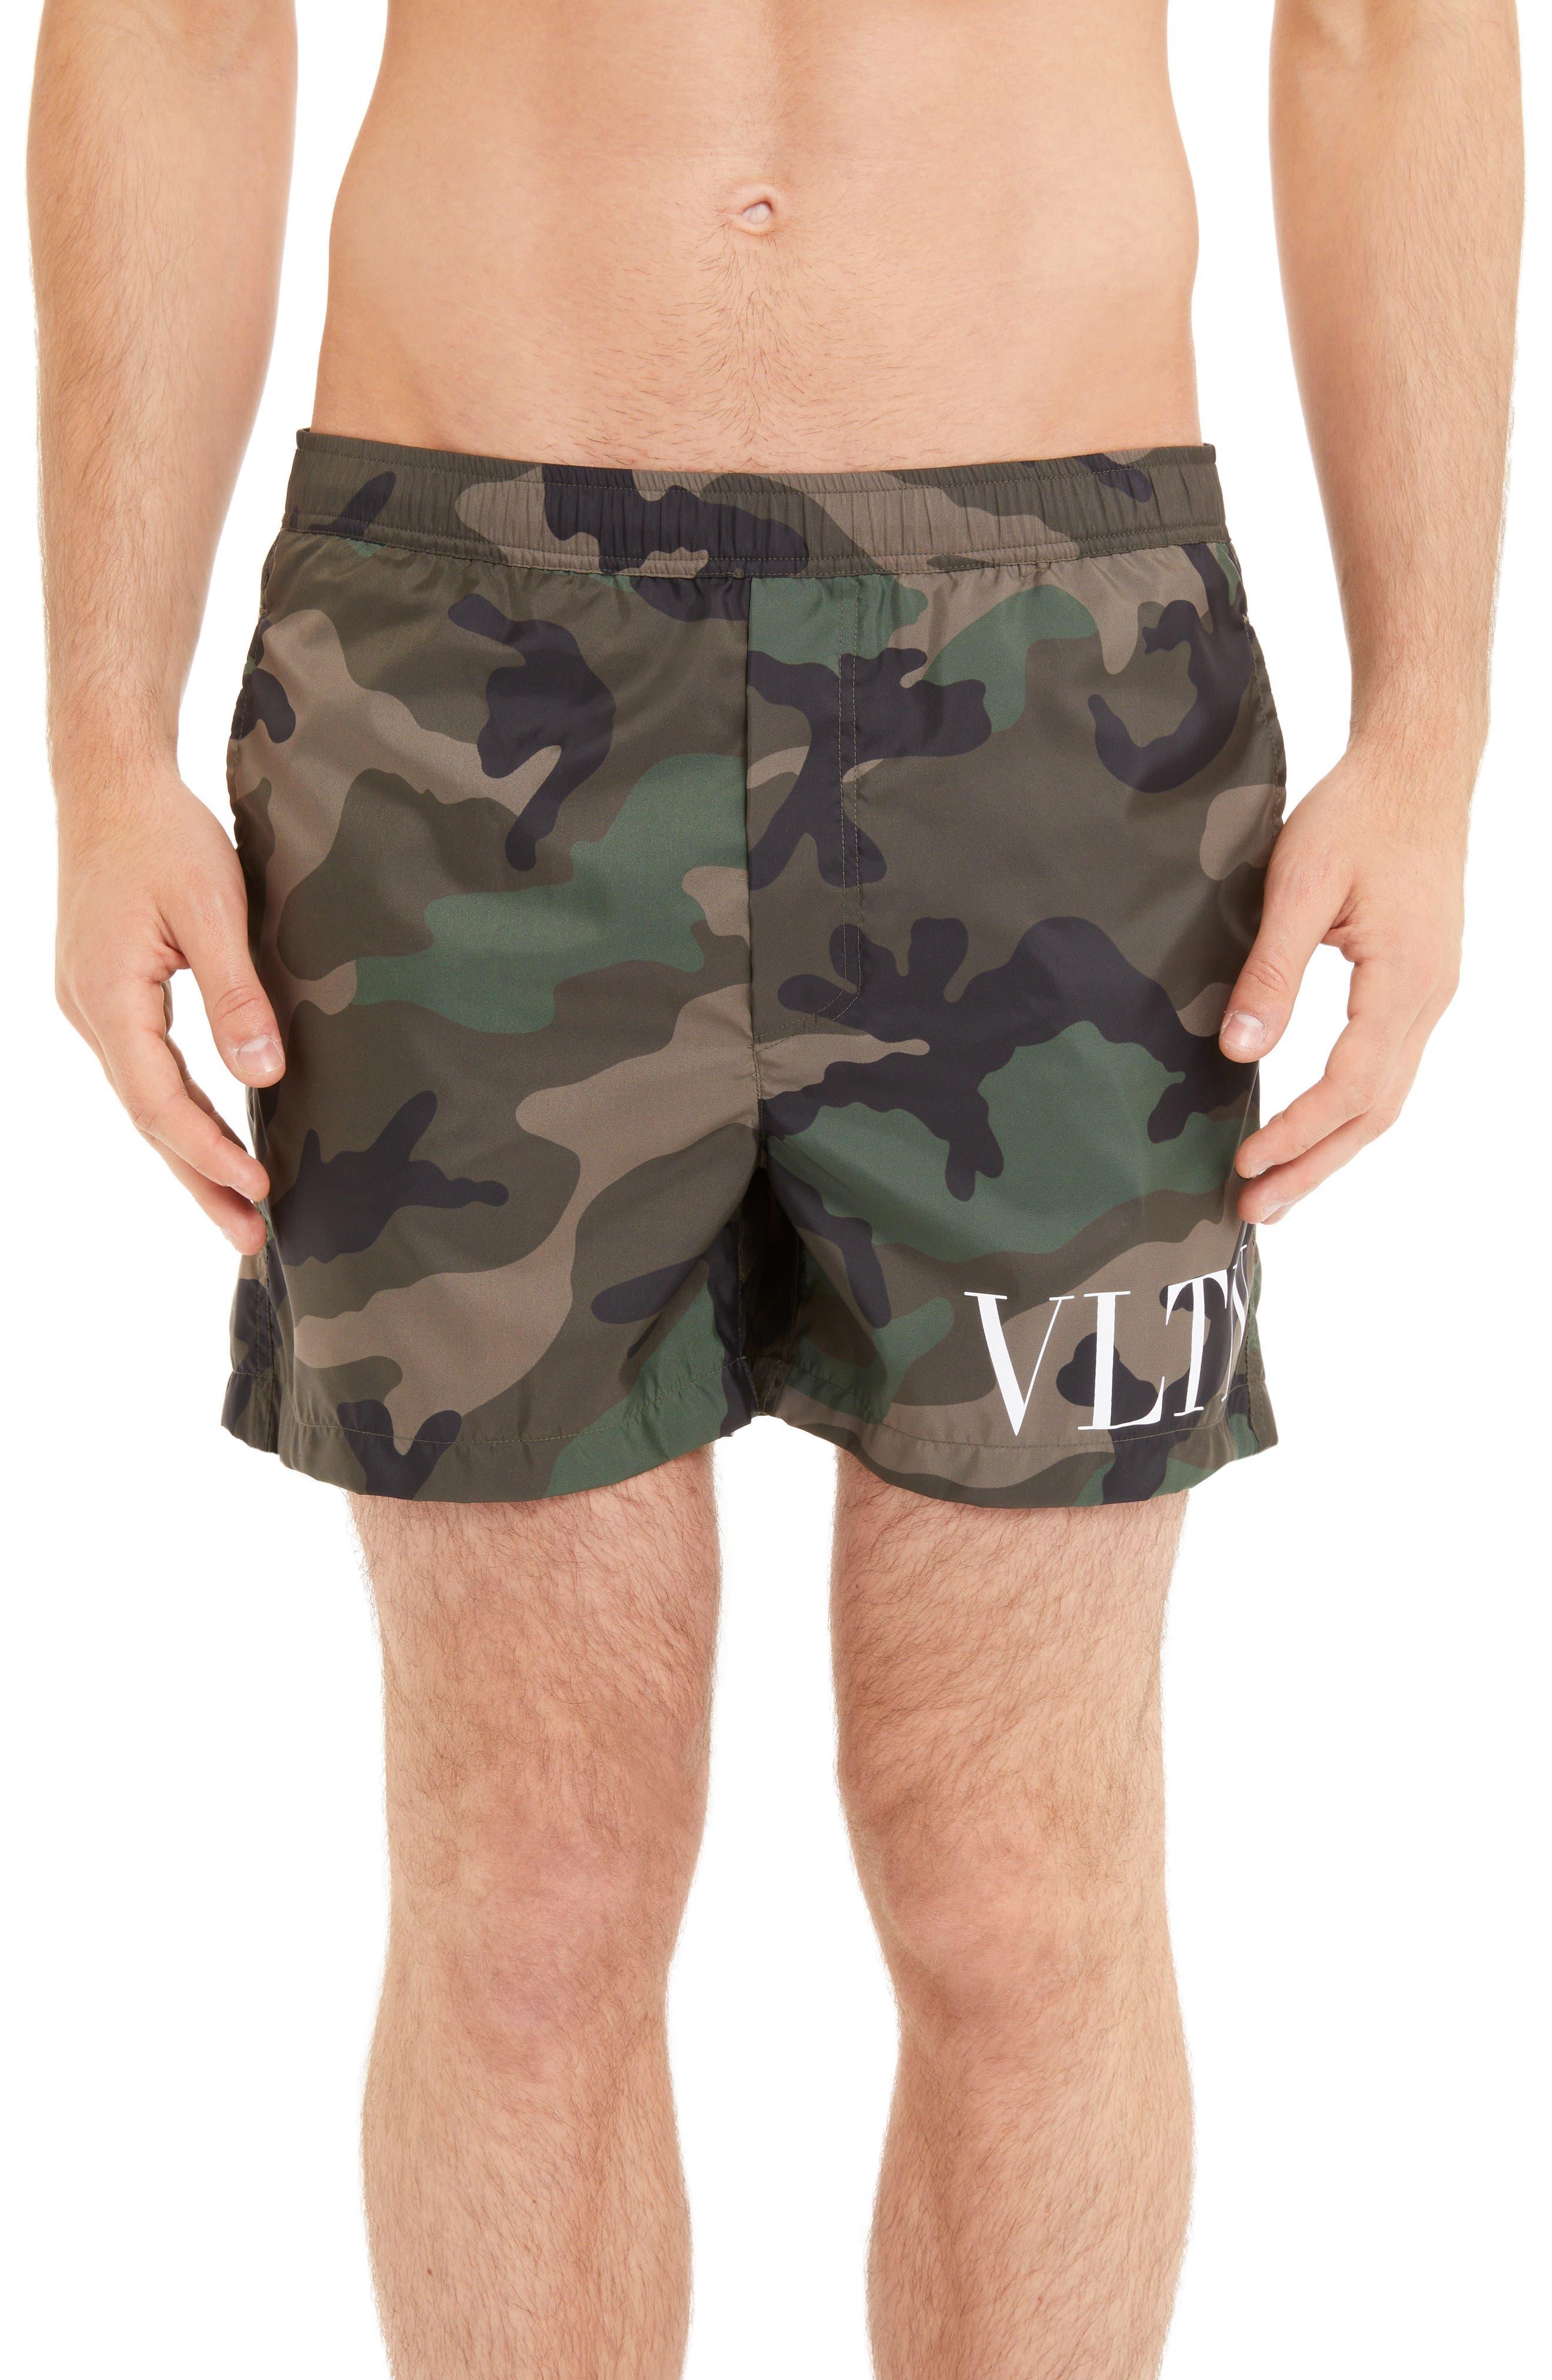 VLTN Camo Swim Trunks, Main, color, CAMOU ARMY